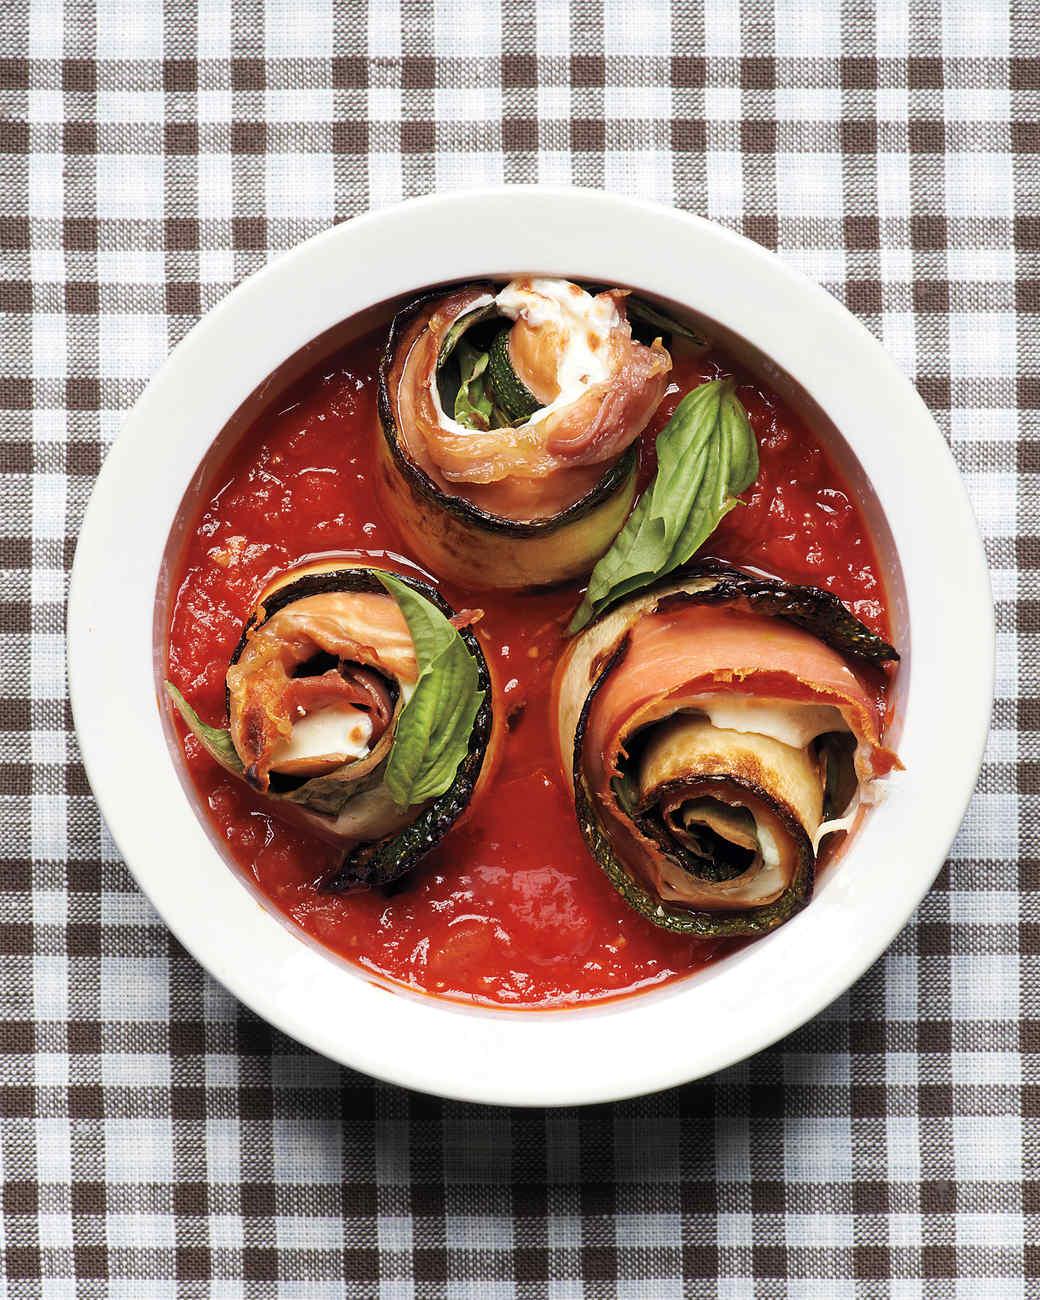 zucchini-6251-md110312.jpg